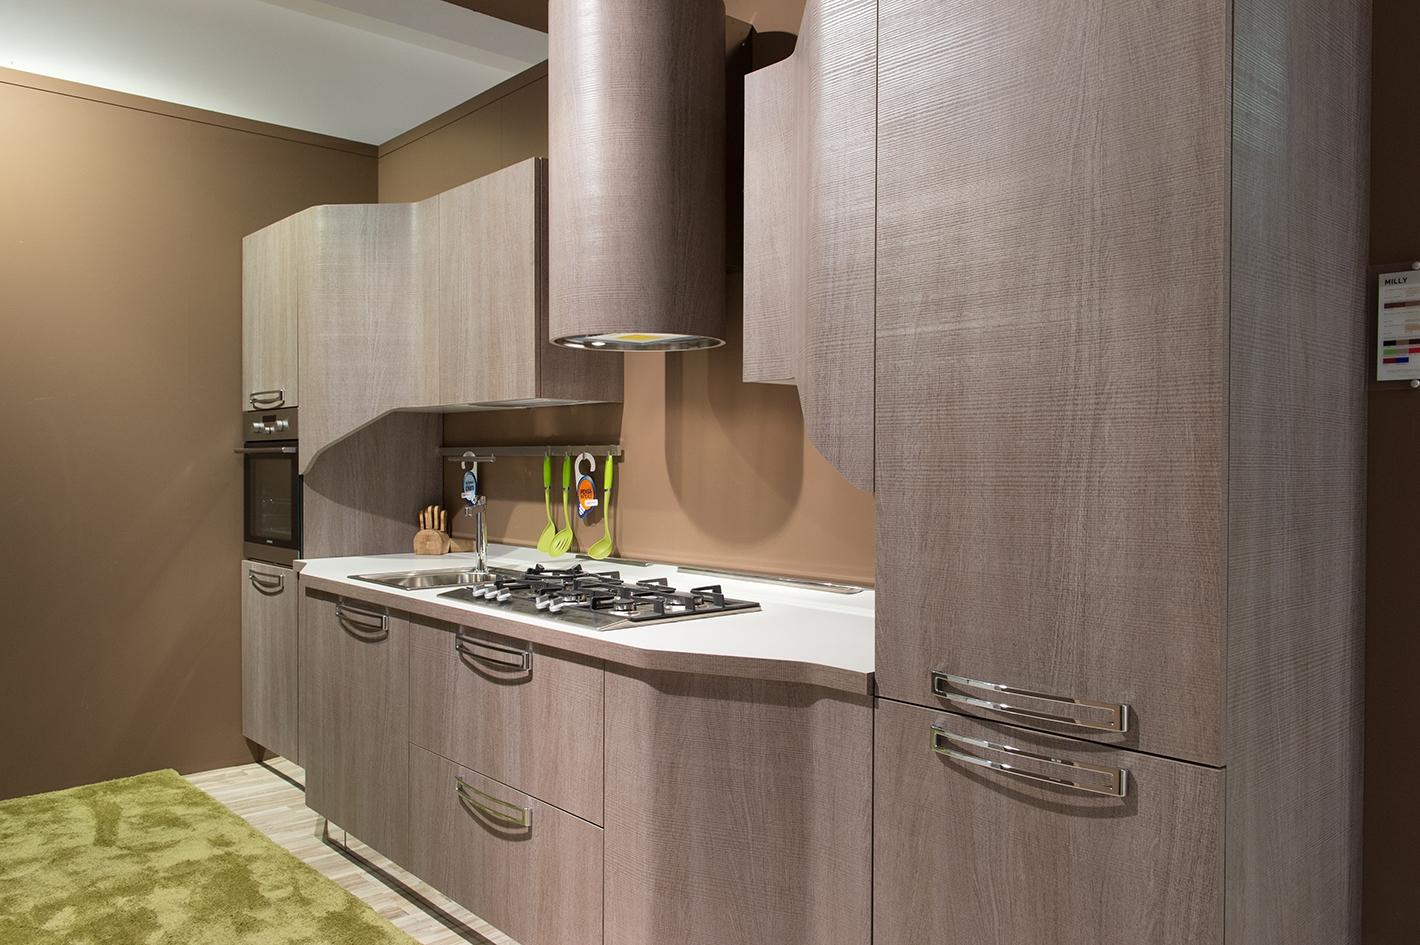 Cucina stosa mod milly completa di elettrodomestici 18689 for Stosa cucine prezzi